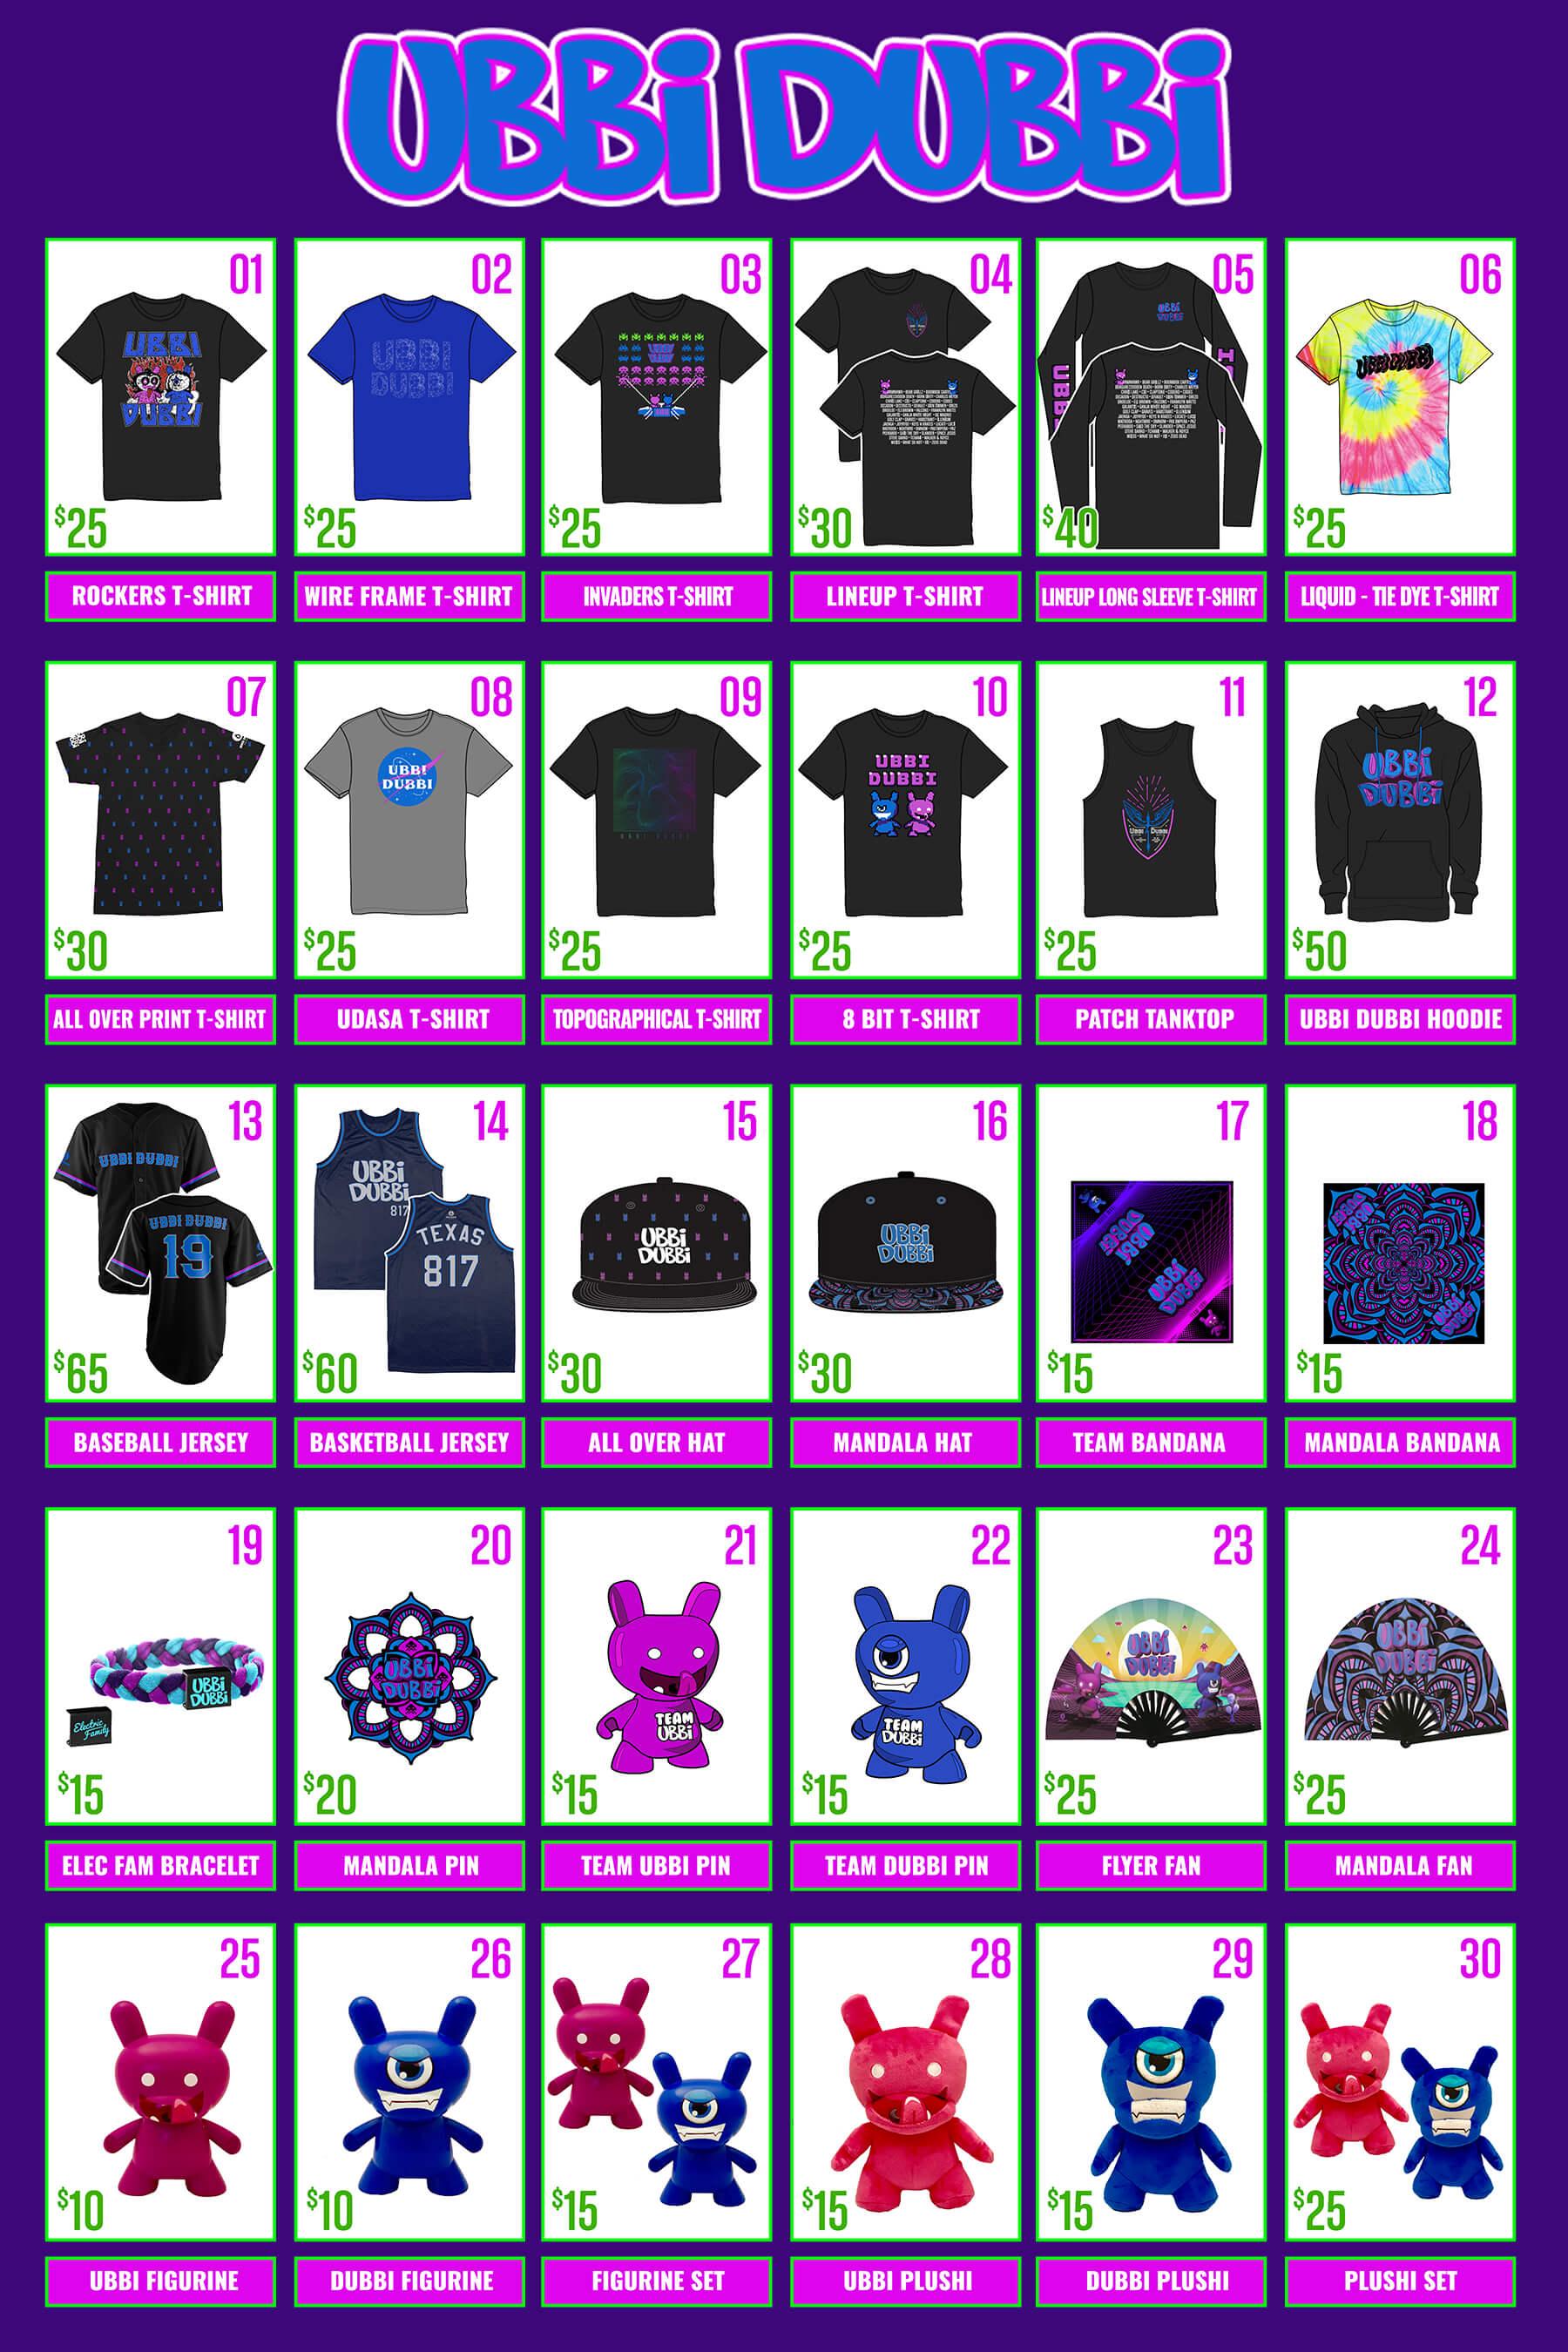 2019 merchandise for Ubbi Dubbi